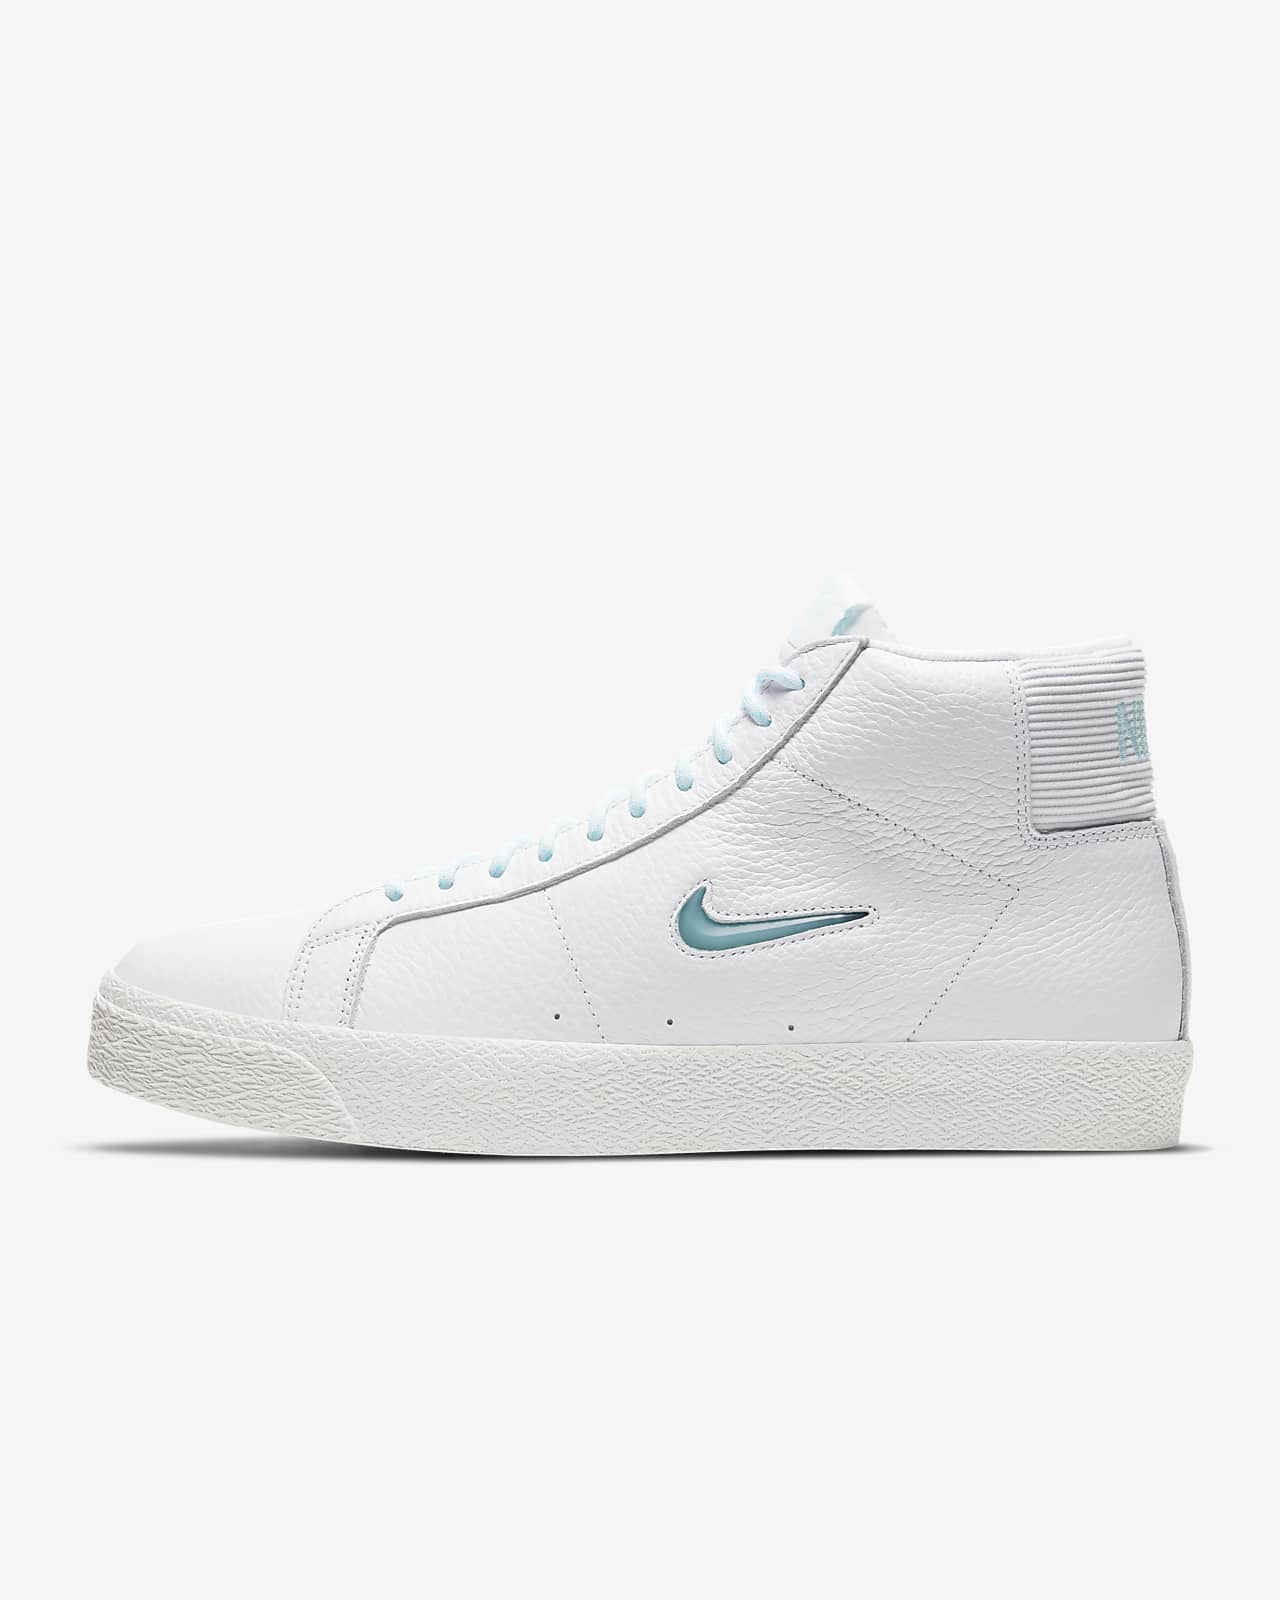 Buty do skateboardingu Nike SB Zoom Blazer Mid Premium